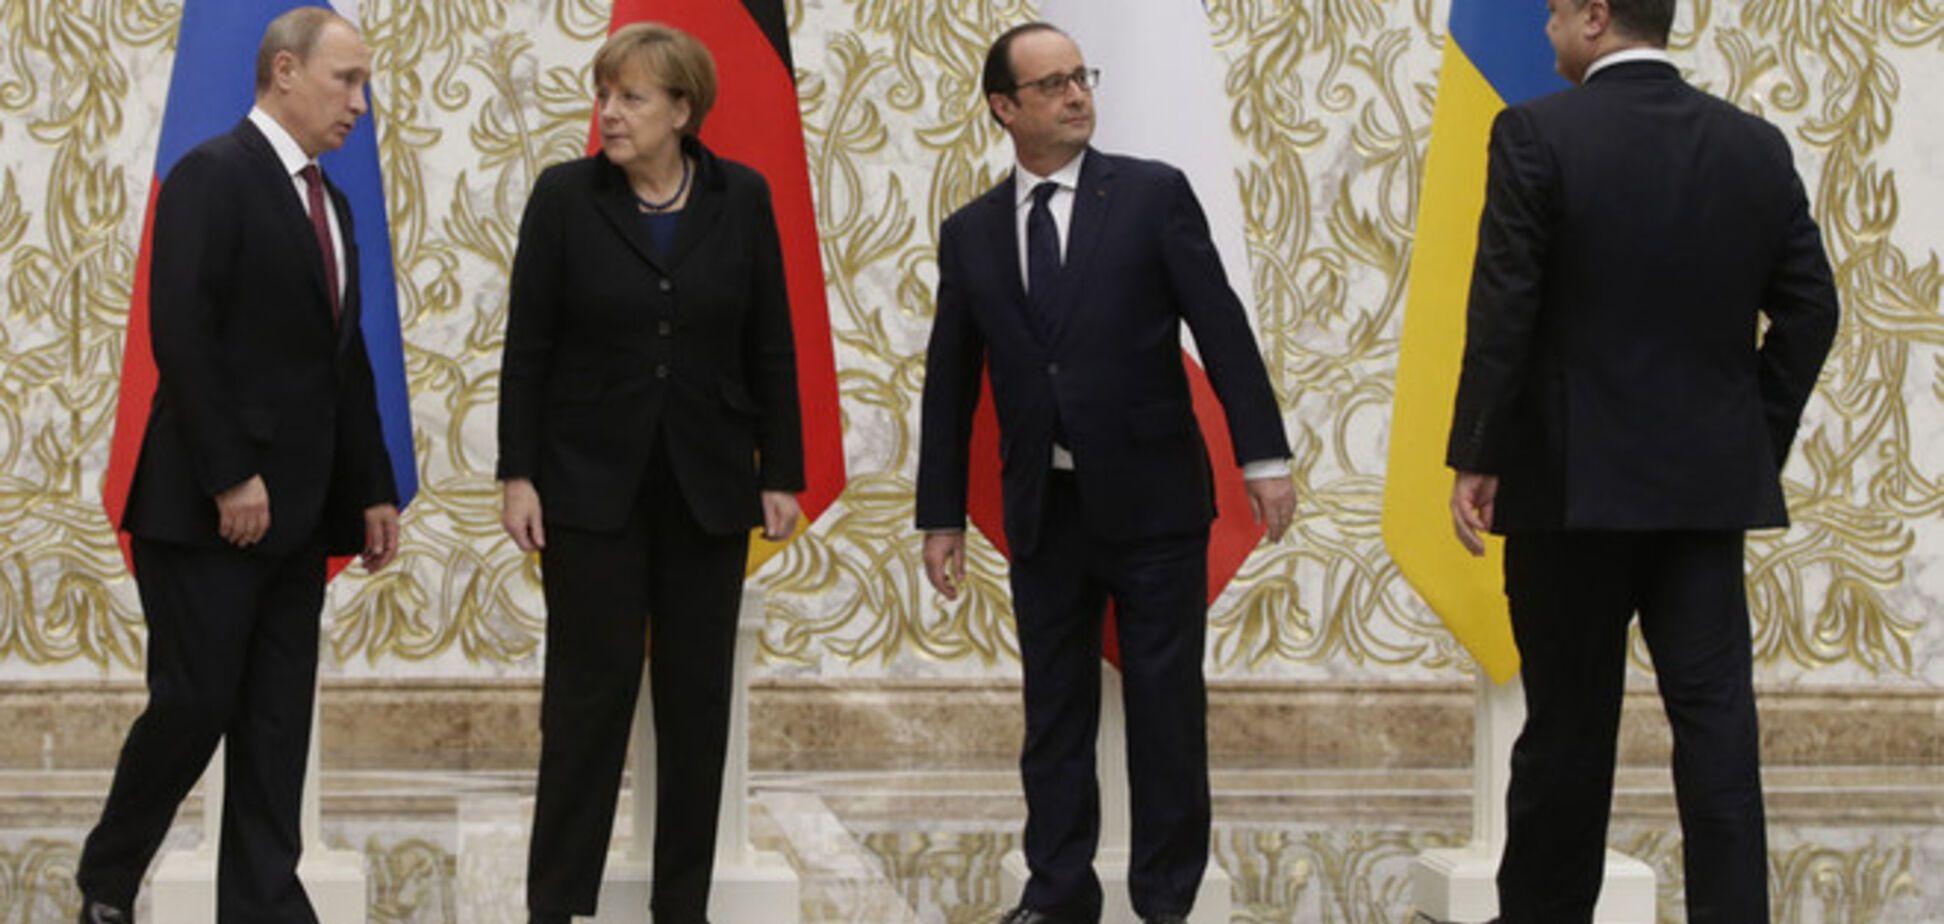 Минская встреча 'нормандской четверки' продолжилась в широком формате